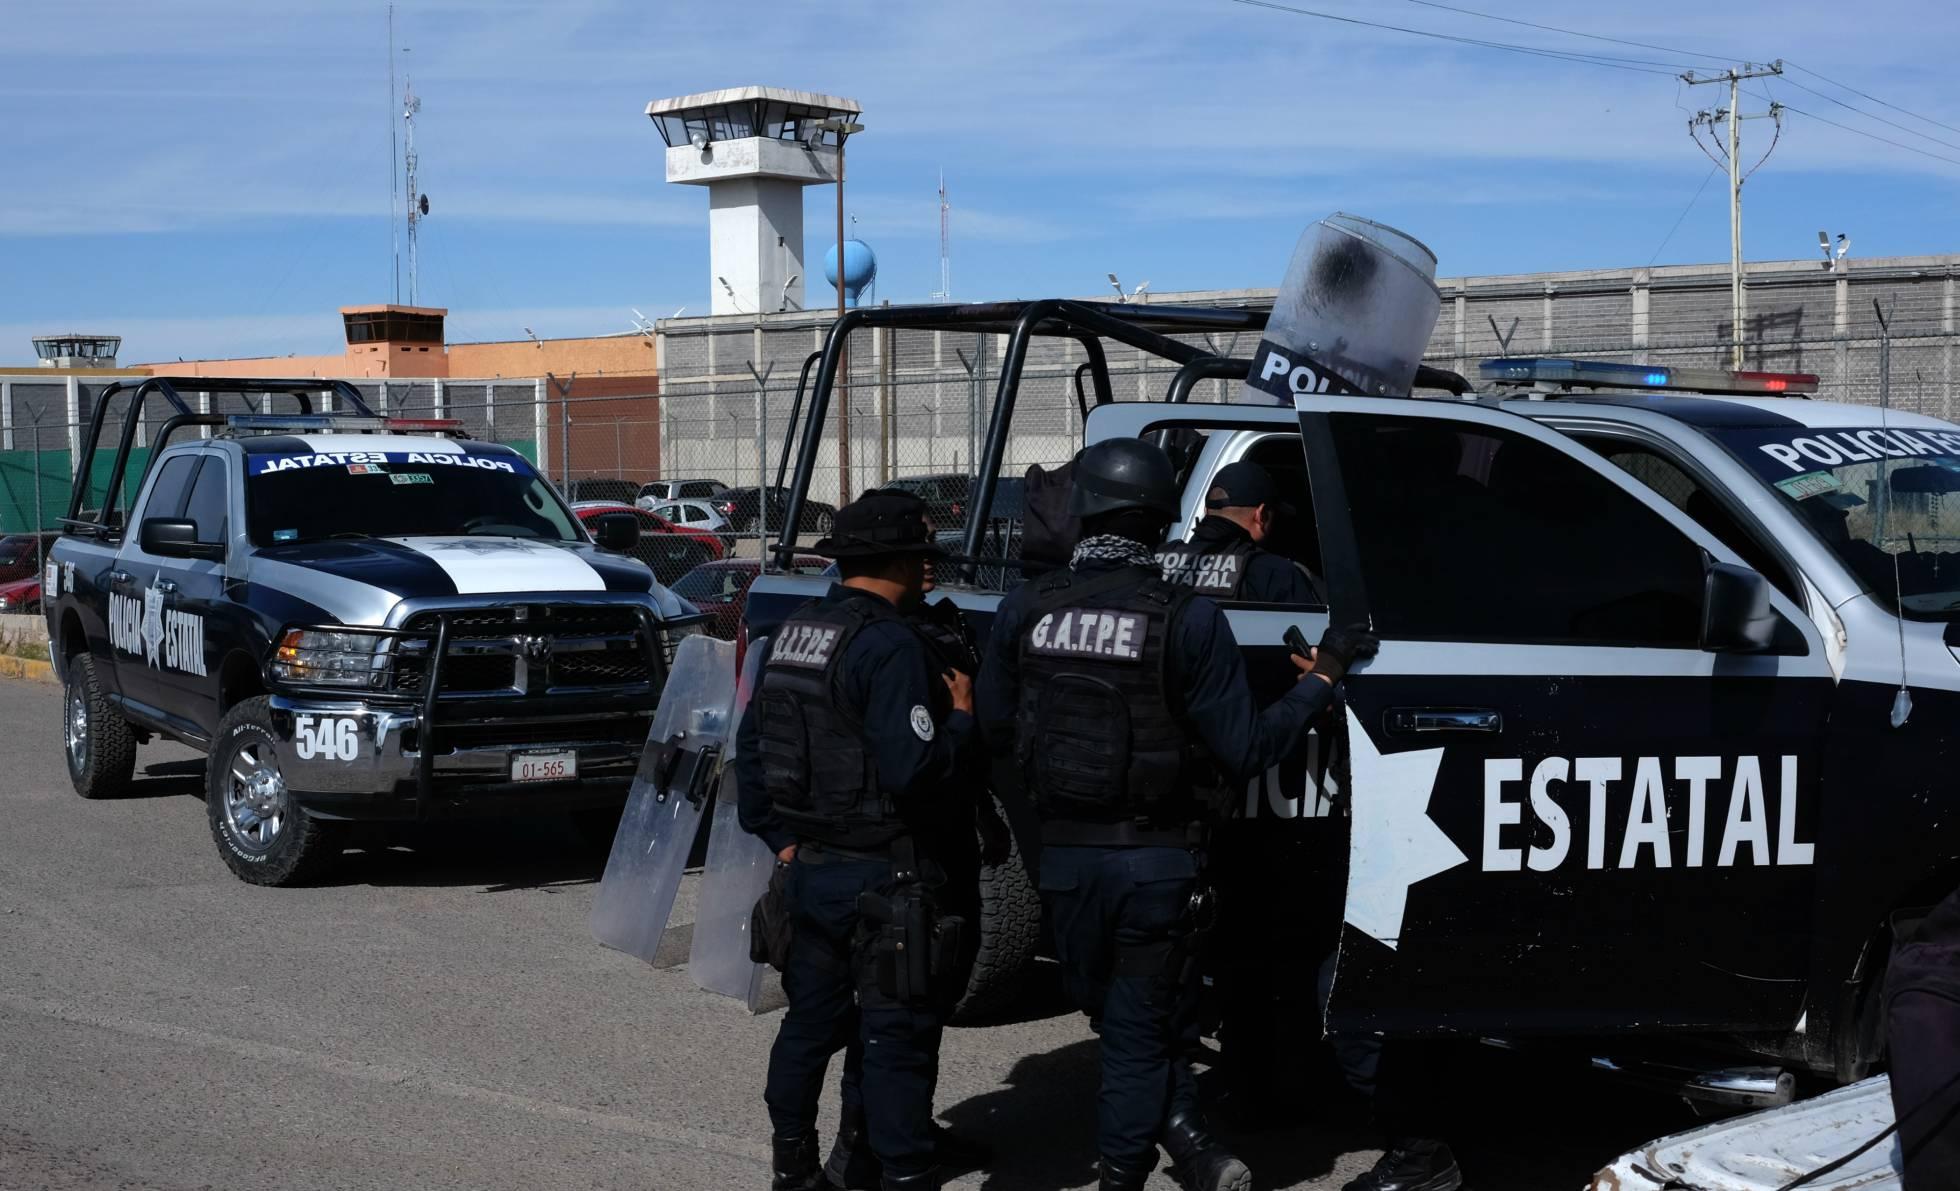 Una nueva riña eleva a 17 la cifra de muertos en un penal en el Estado mexicano de Zacatecas